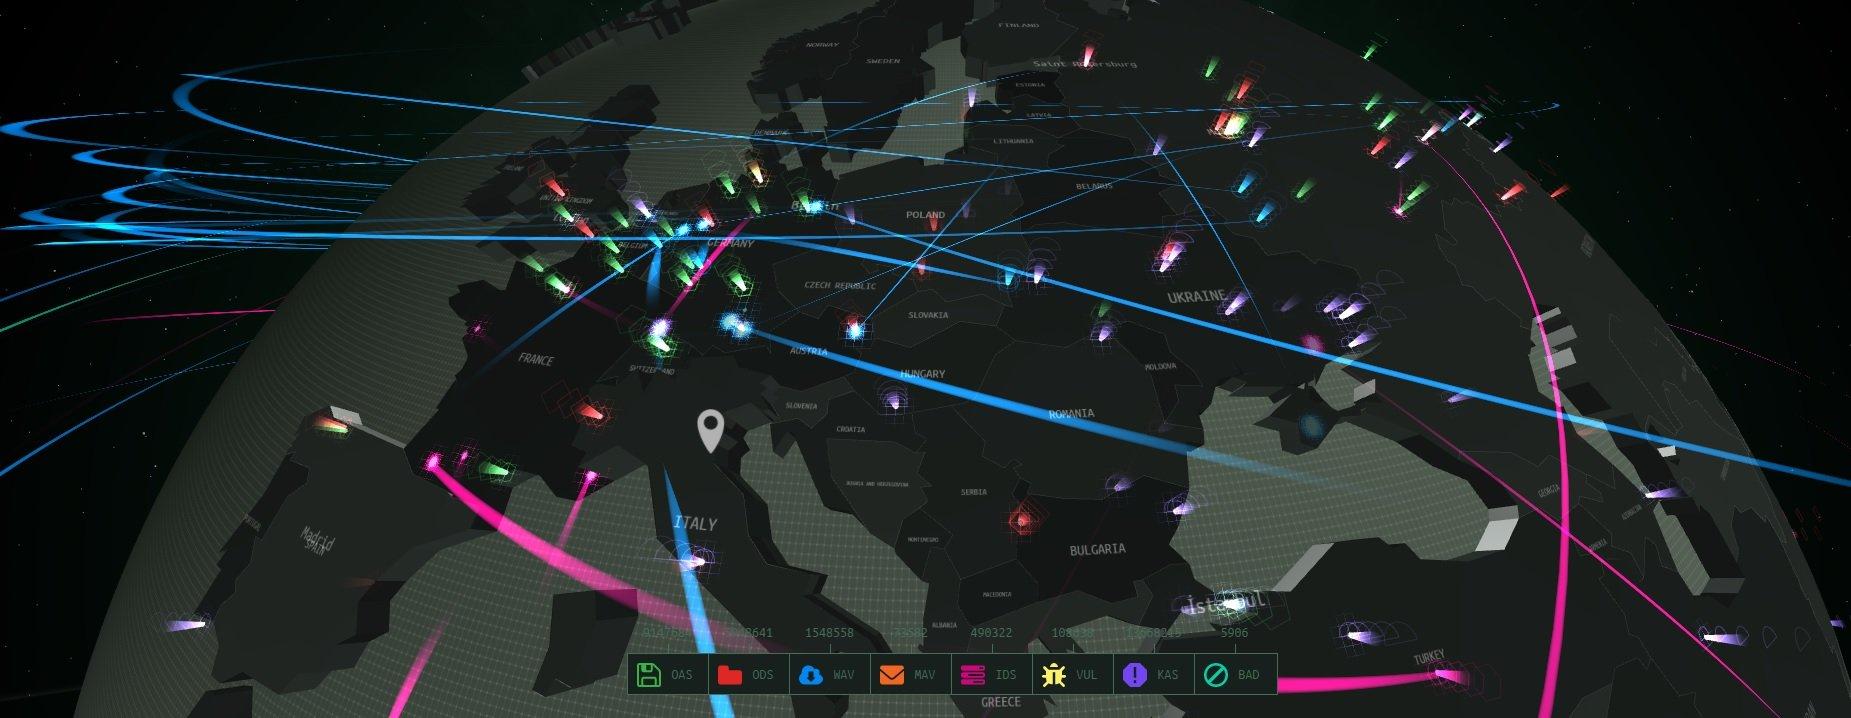 Les menaces de Kaspersky